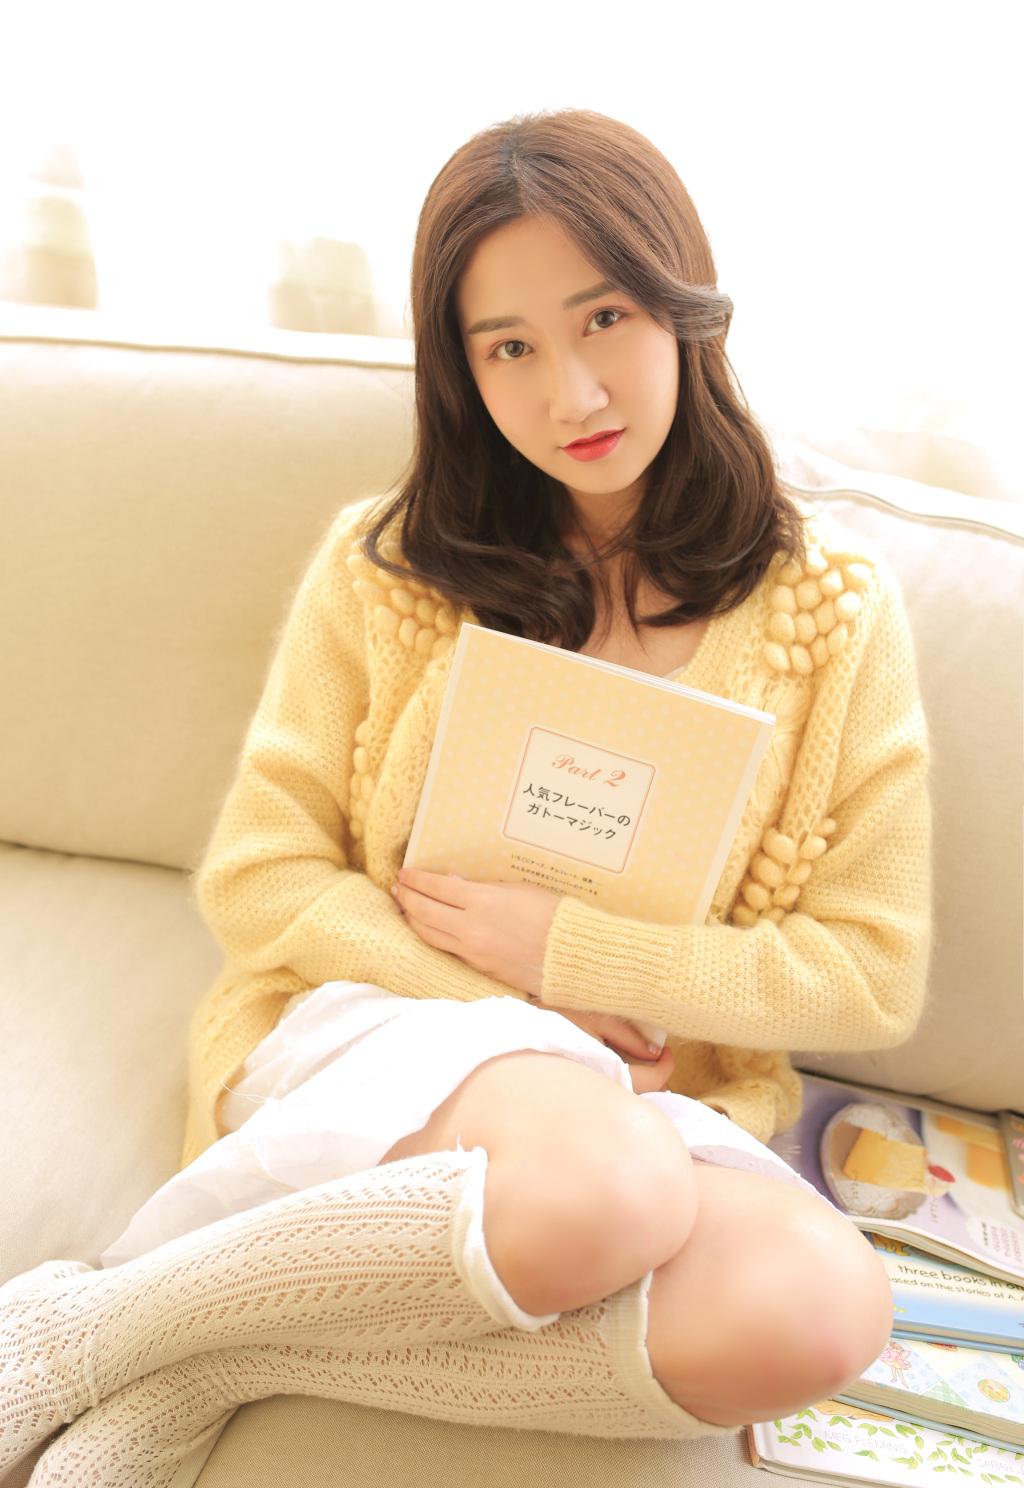 ABP-890韩国s形性感身材美女敏儿